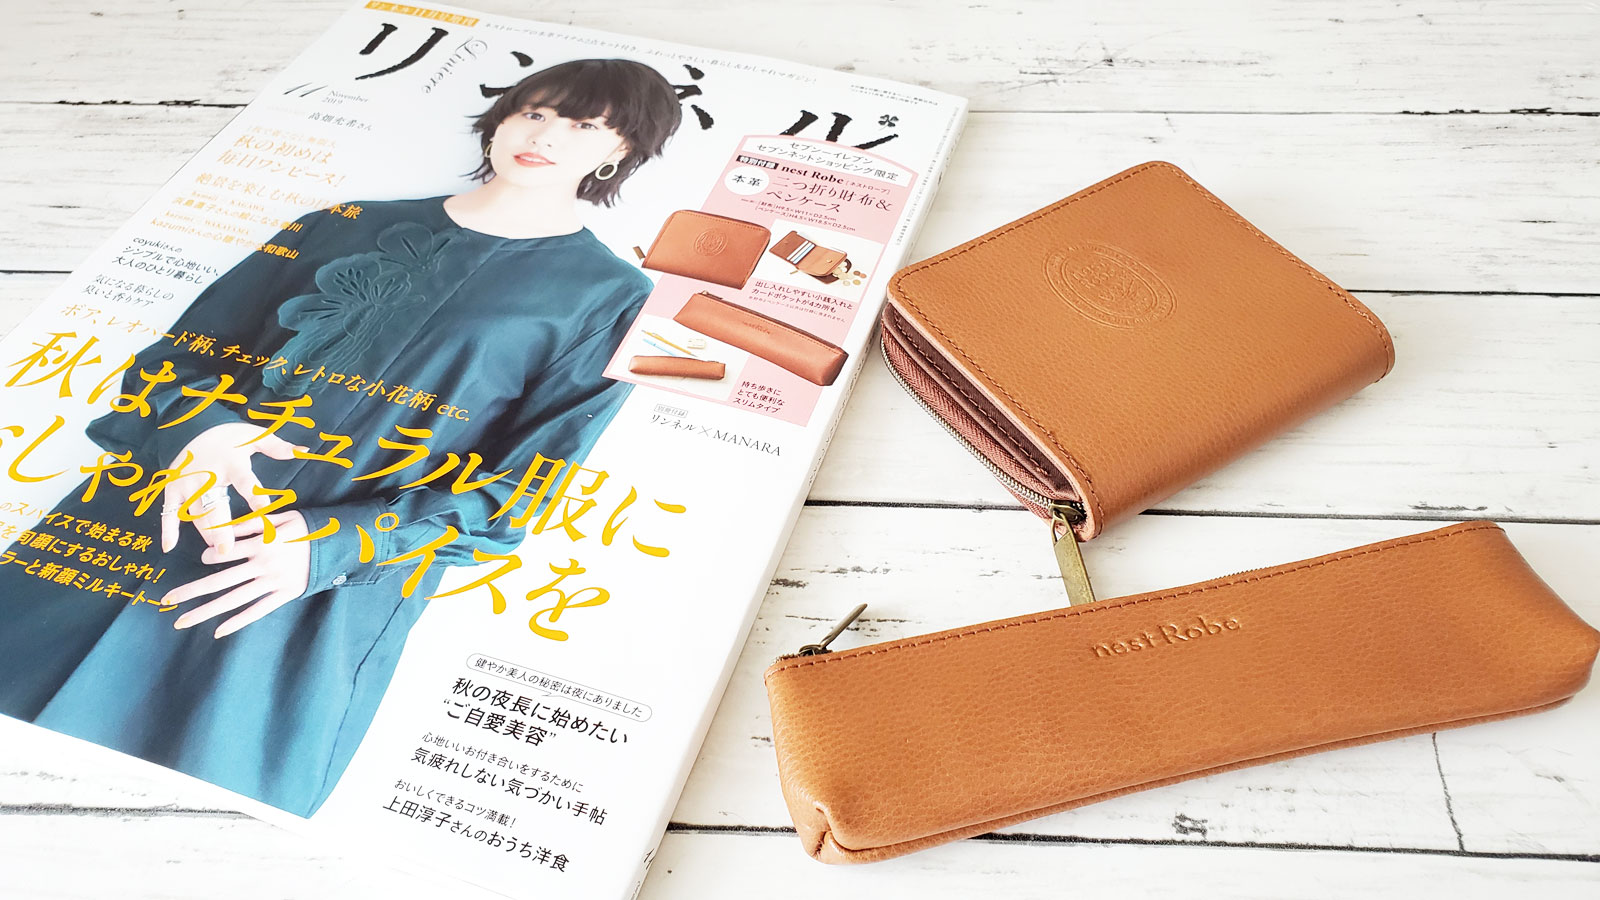 【豪華付録】リンネル11月号増刊はnest Robeの財布&ペンケースセット。本革はデキる女性の証